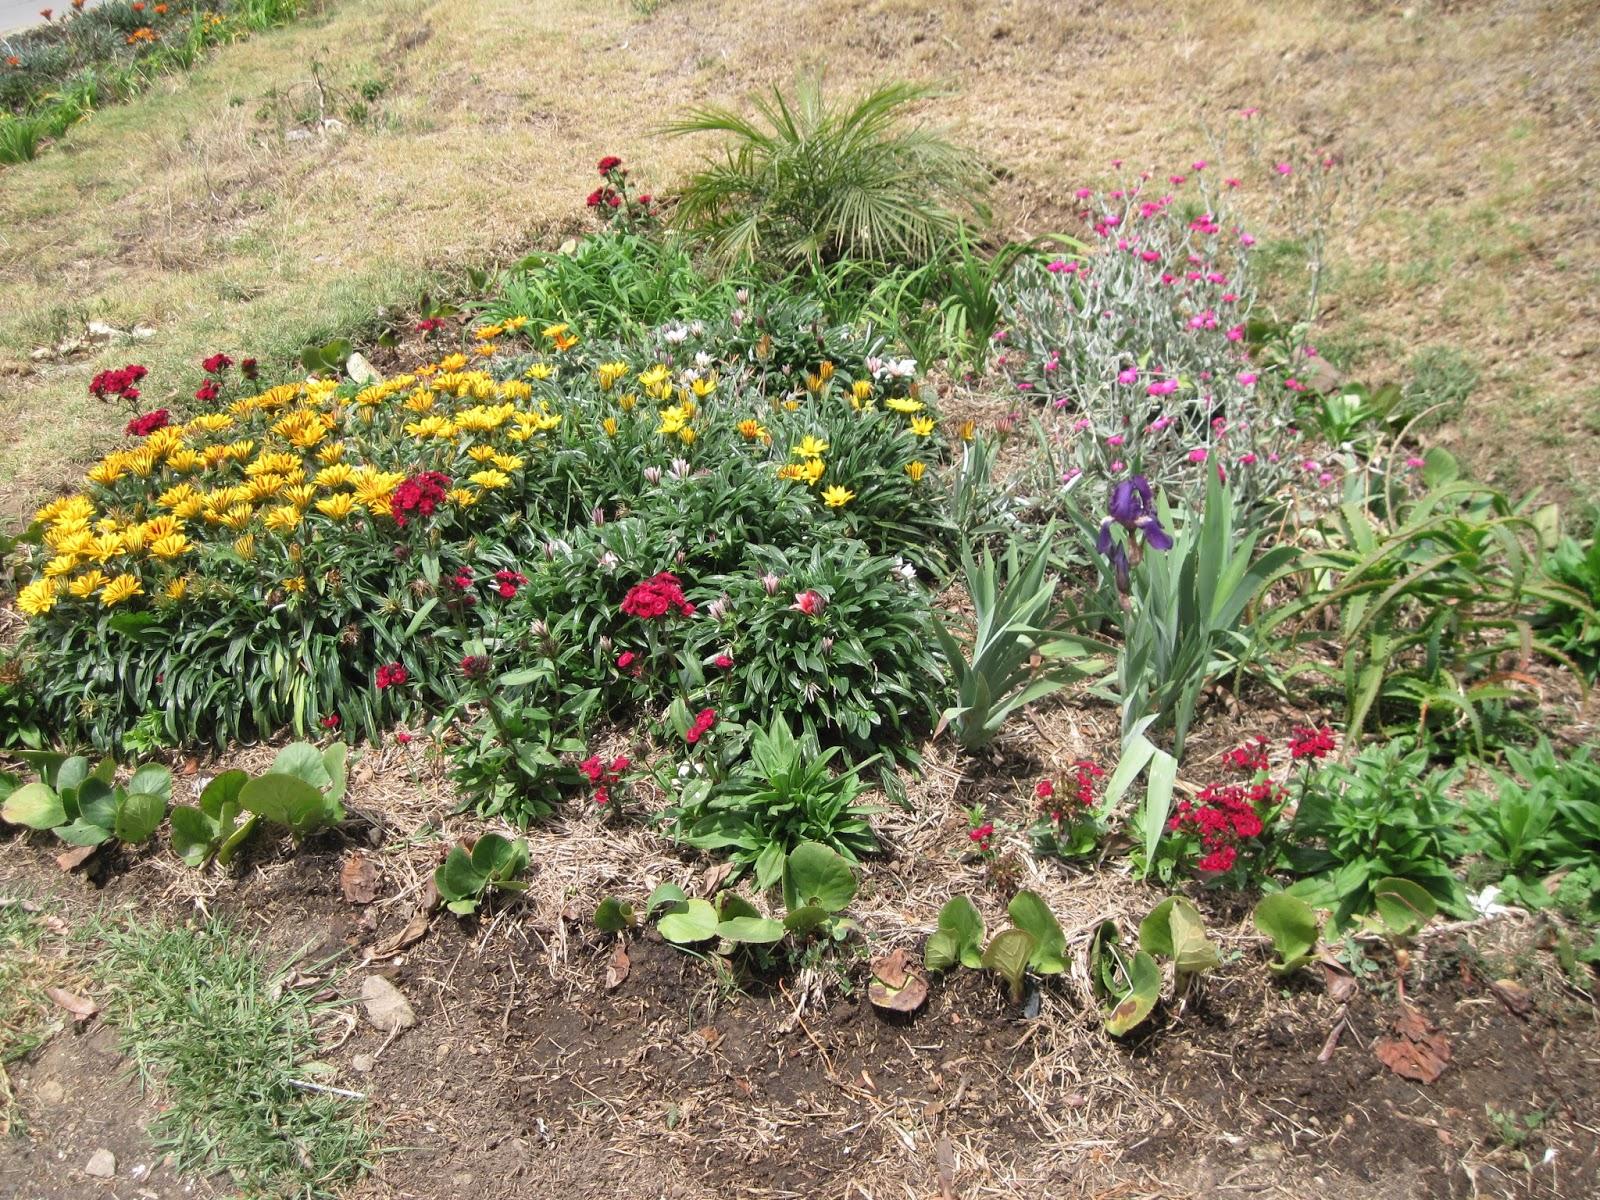 Vivero casona la colina nuestras plantas ornamentales for Viveros en colina